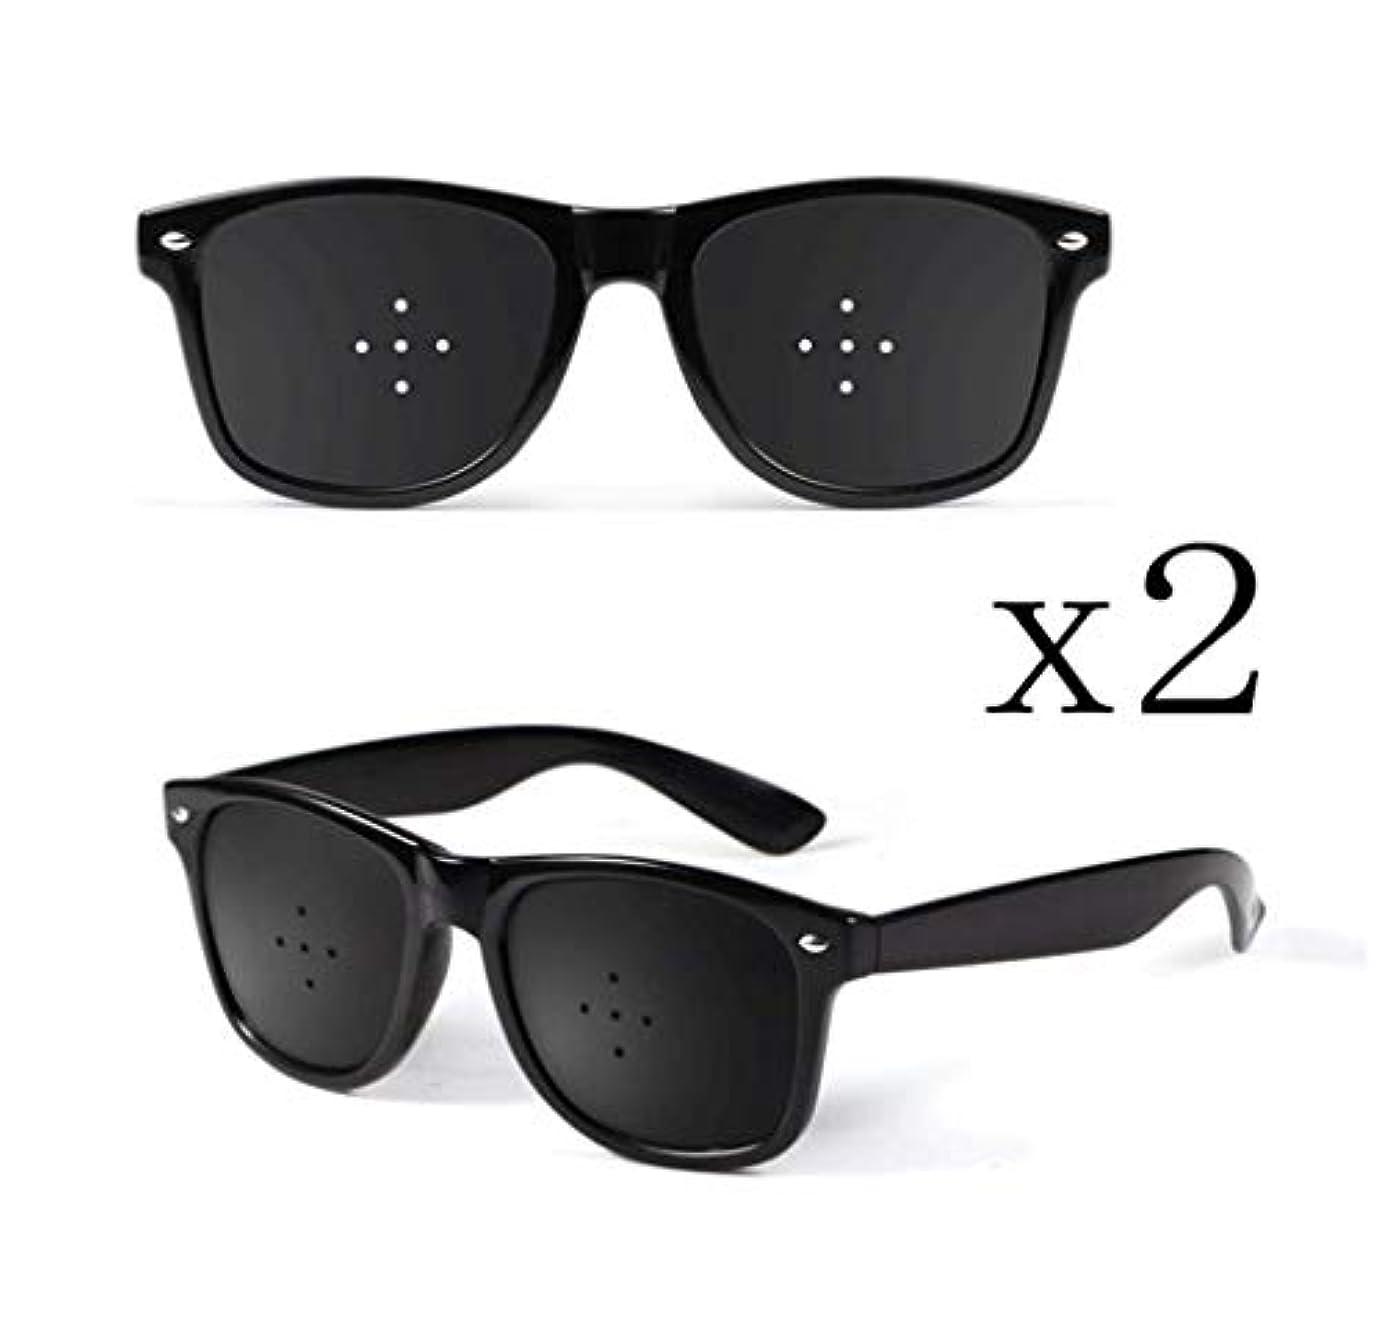 仮定没頭する虫ピンホールメガネ、視力矯正メガネ網状視力保護メガネ耐疲労性メガネ近視の防止メガネの改善 (Color : 黒)